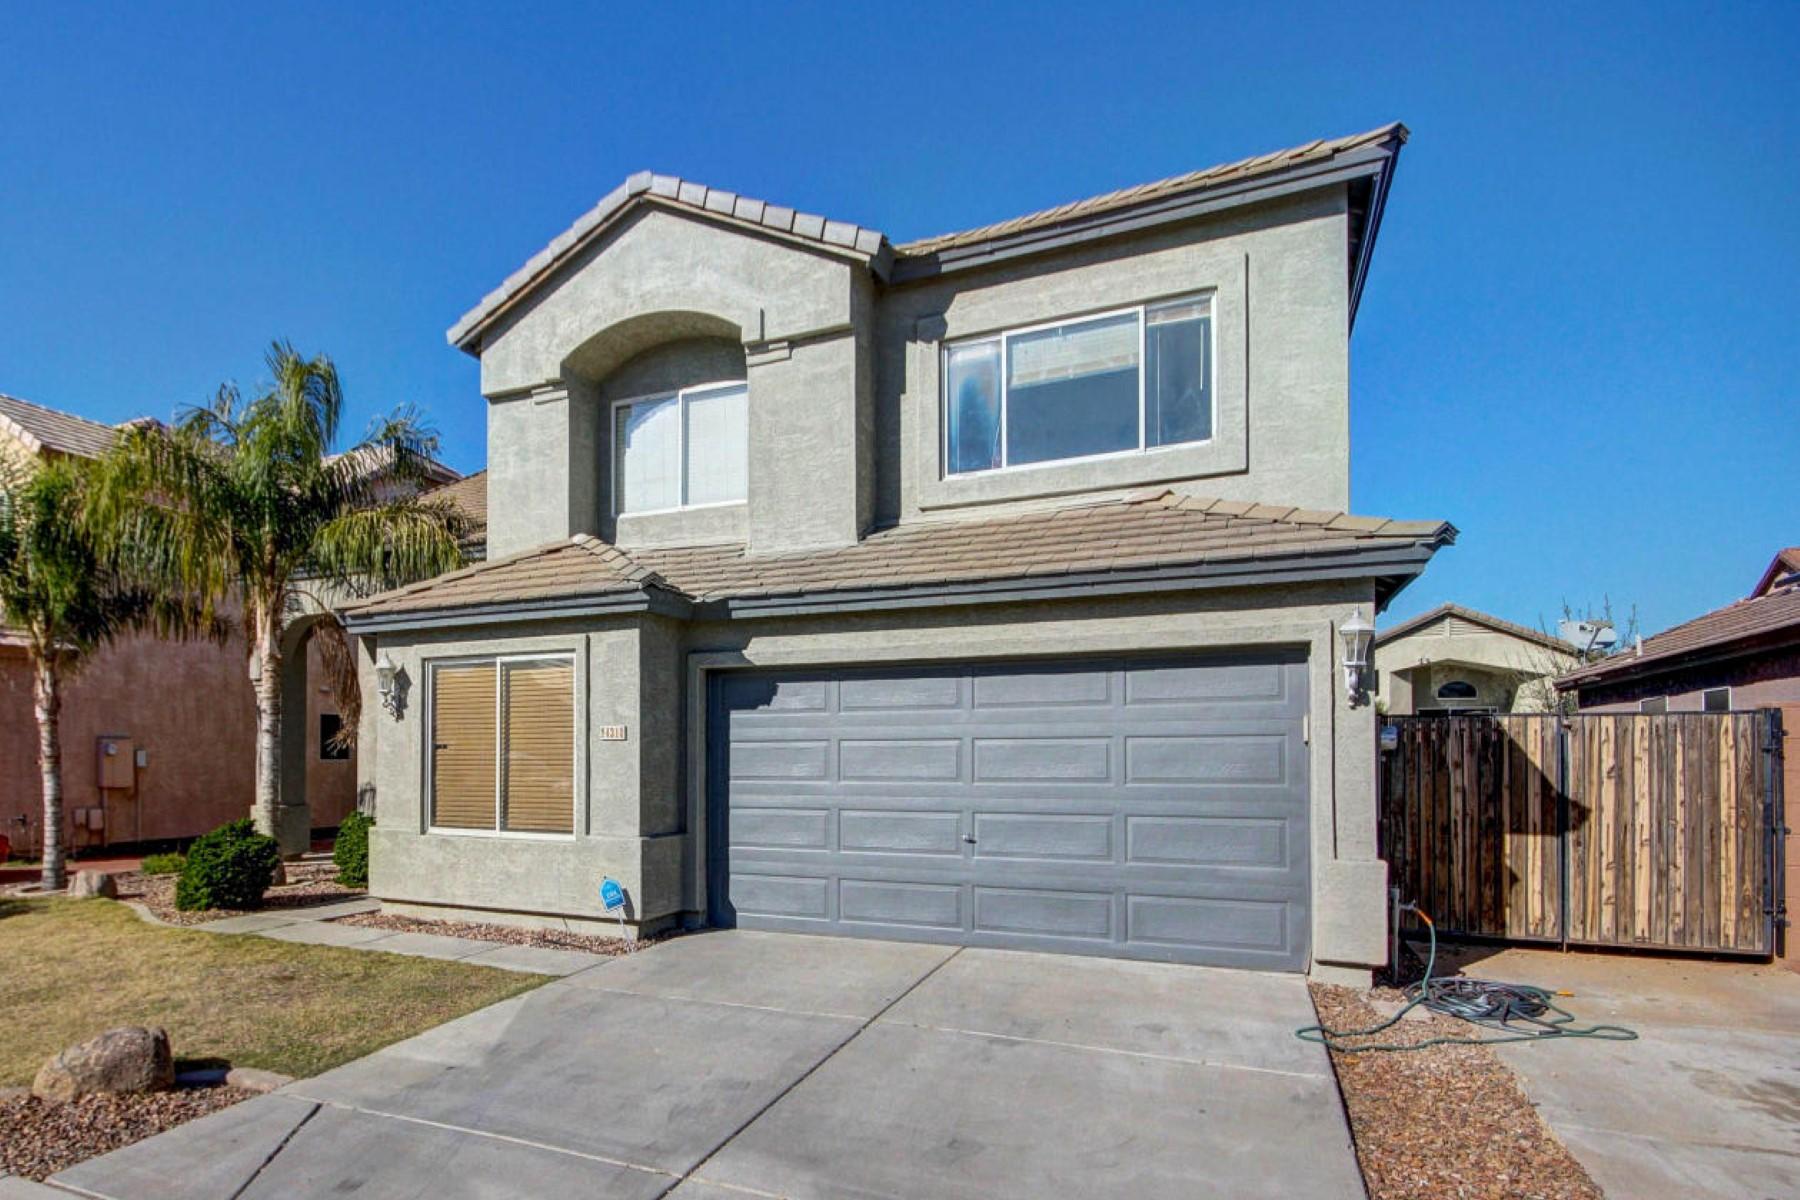 独户住宅 为 销售 在 Outstanding two story Home in the Community of Foothills Paseo 4310 E Cedarwood Ln 菲尼克斯(凤凰城), 亚利桑那州, 85048 美国